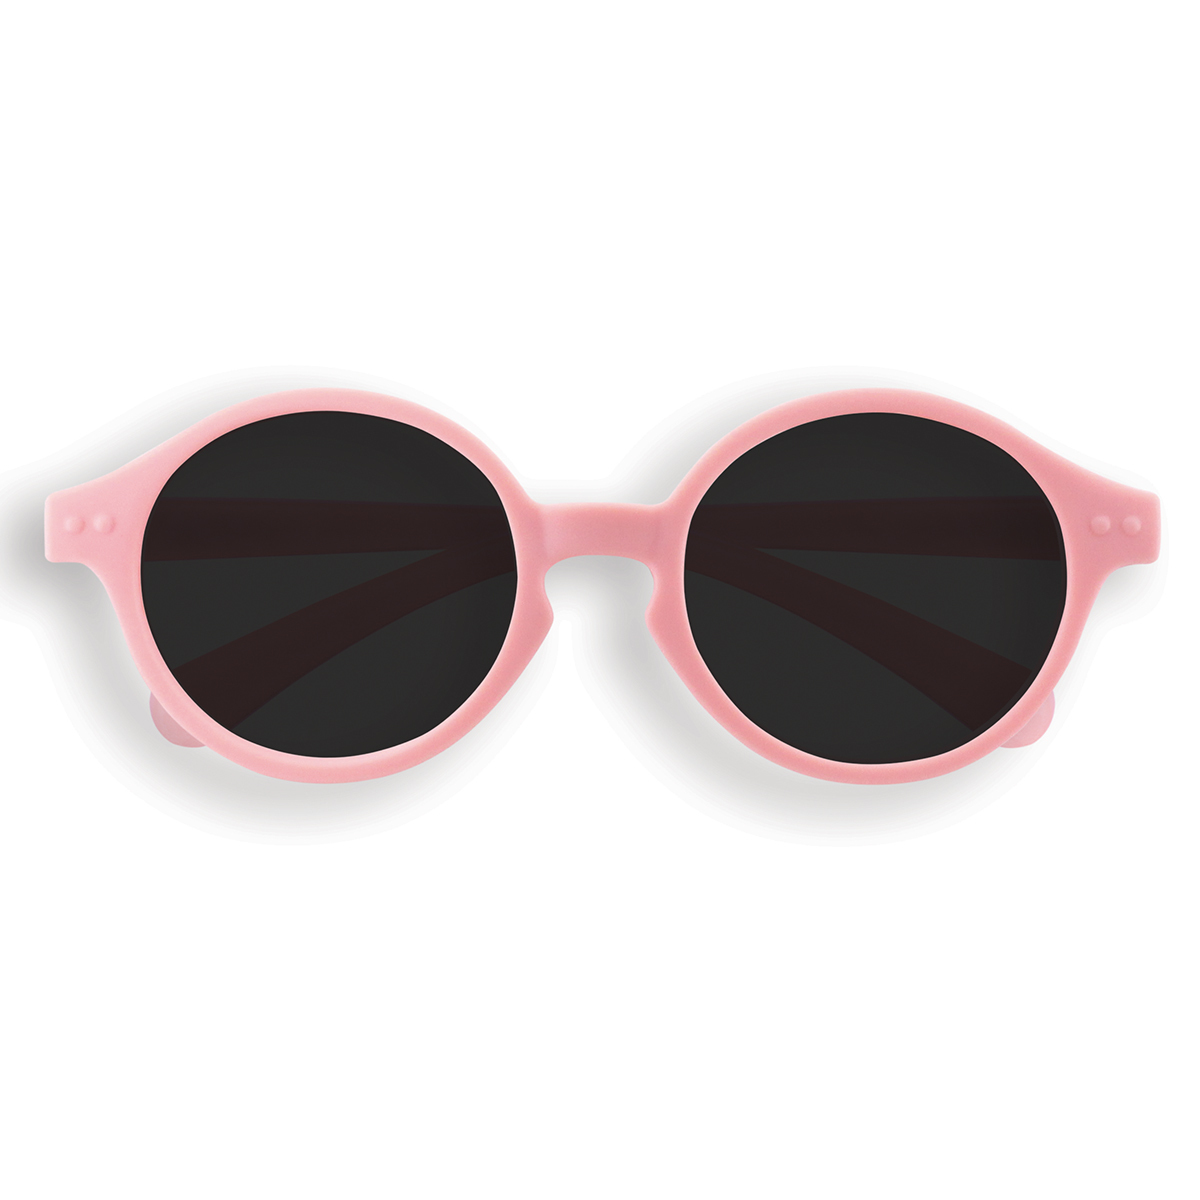 Accessoires bébé Lunettes de Soleil Sun Kids - Pastel Pink Lunettes de Soleil Sun Kids - Pastel Pink